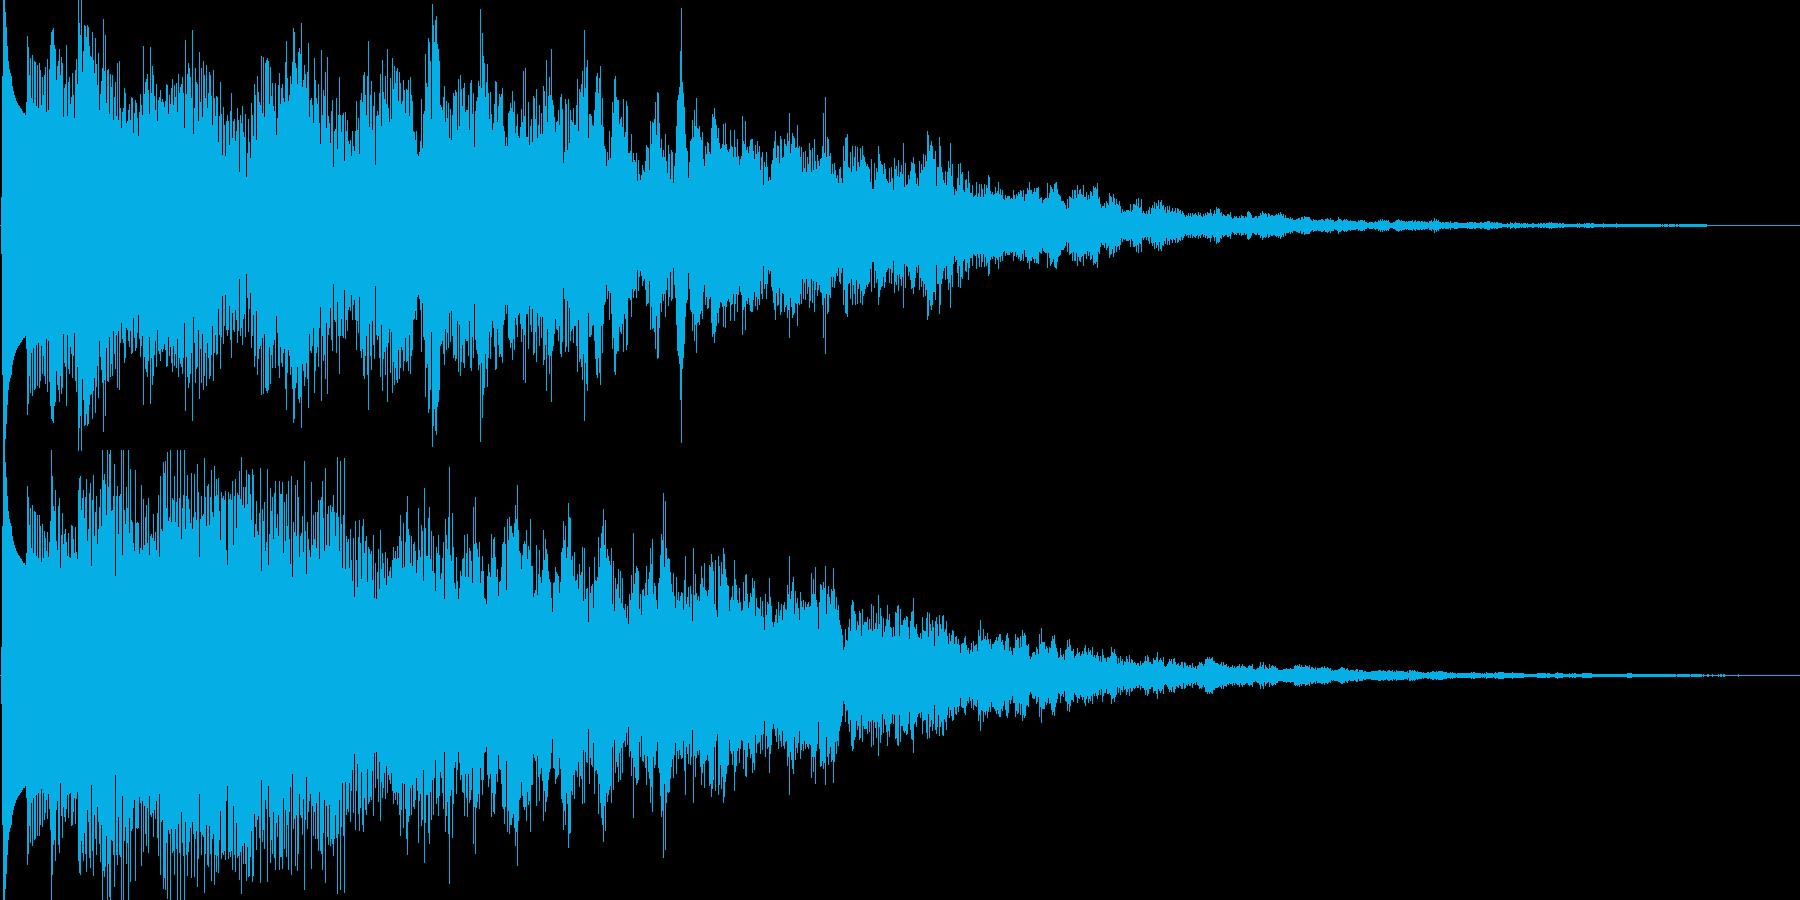 ピキーン(ゲーム、アプリ等の決定音等に)の再生済みの波形